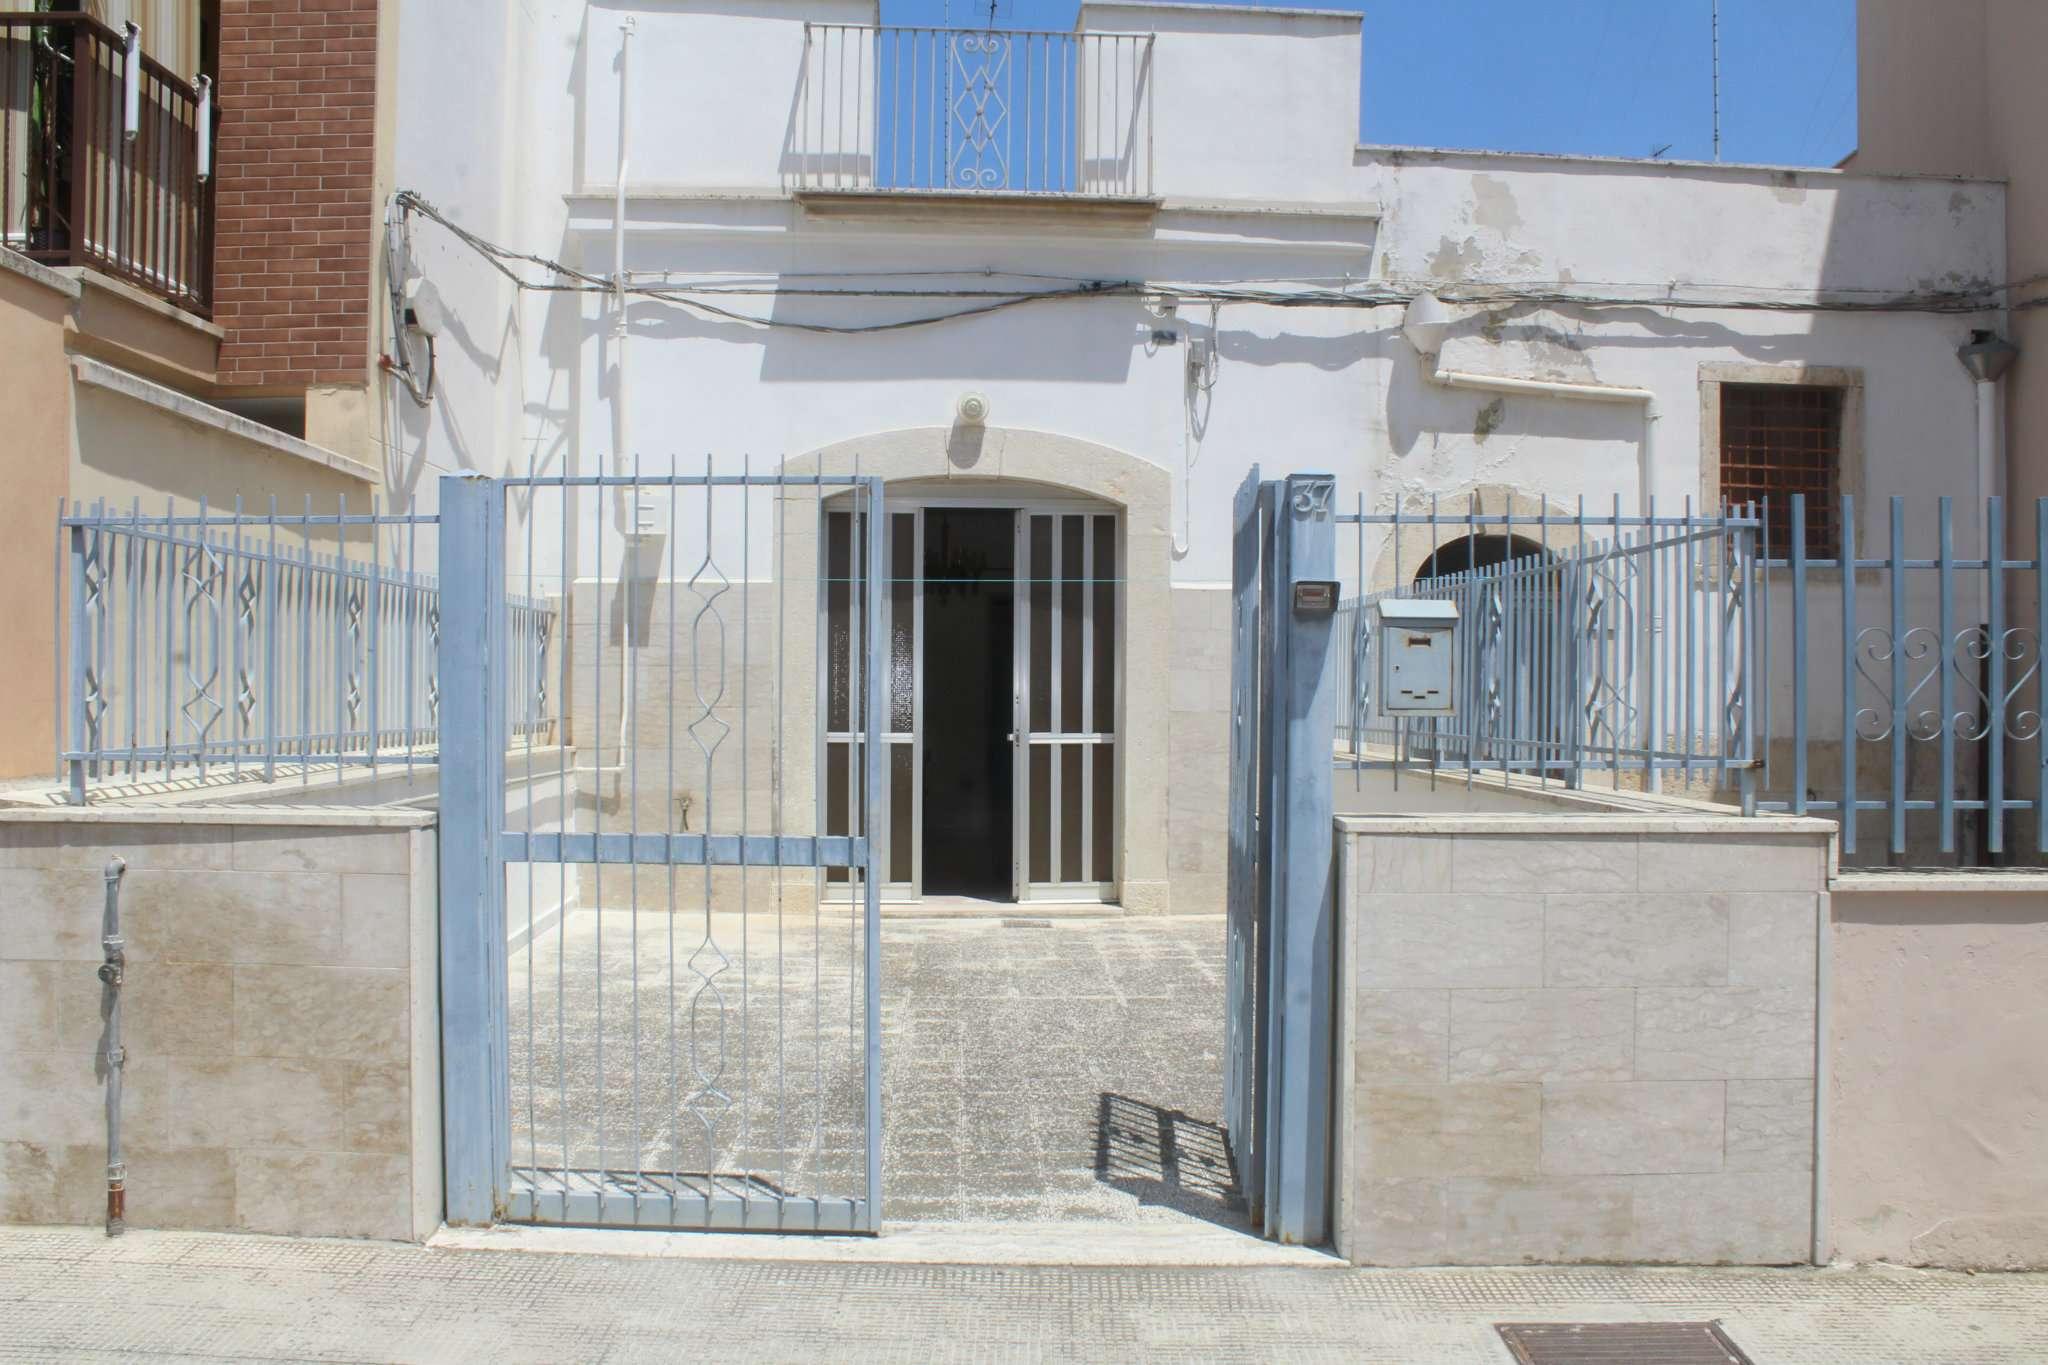 Soluzione Indipendente in vendita a Andria, 4 locali, prezzo € 110.000 | CambioCasa.it